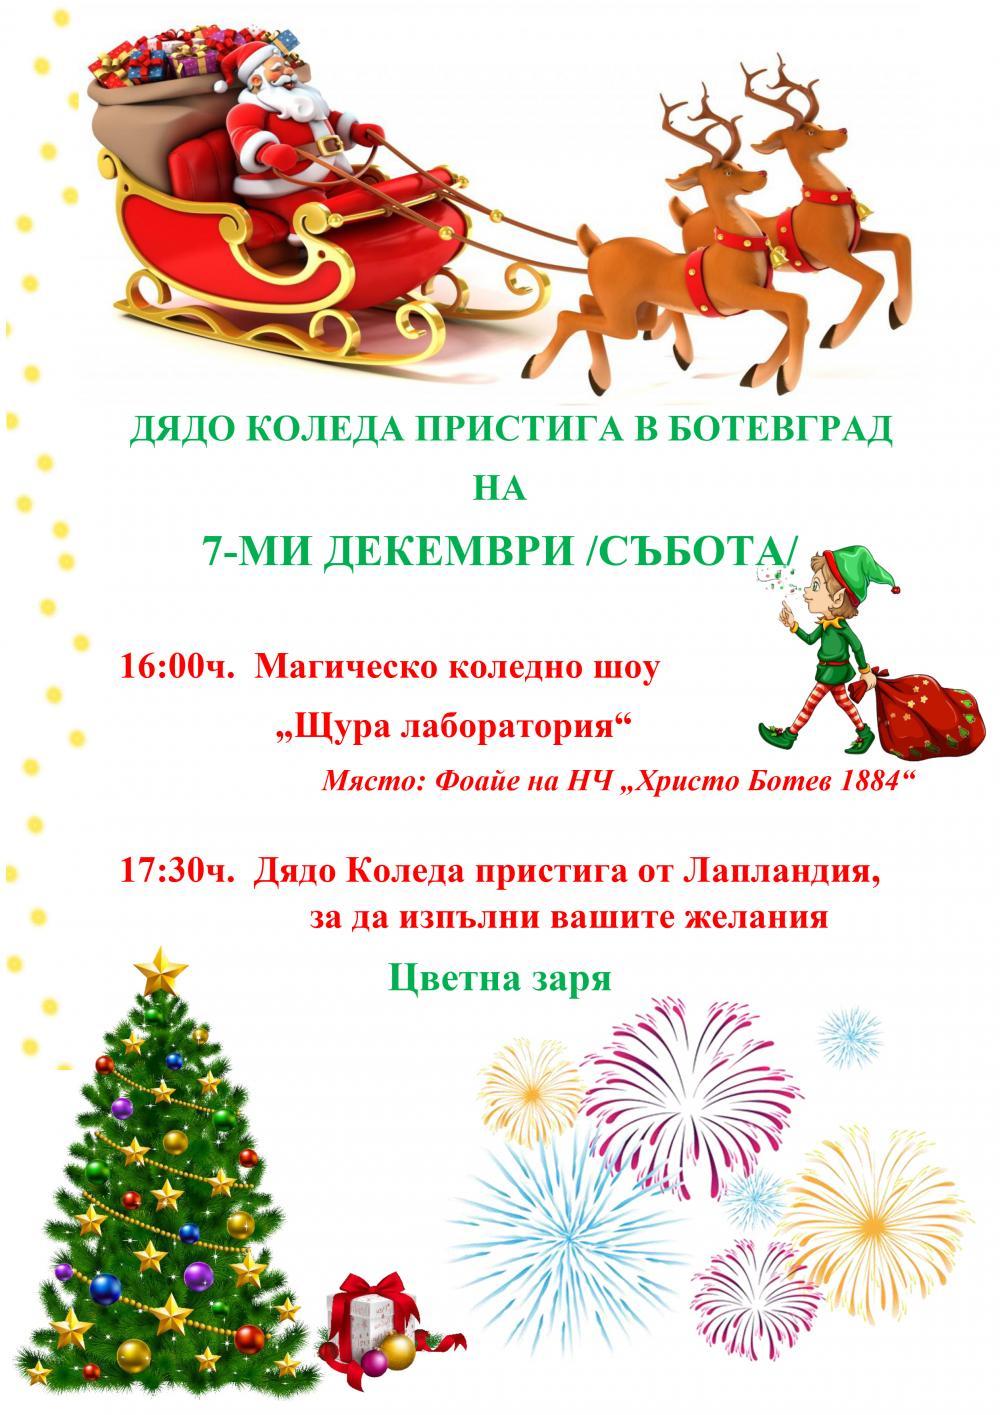 Дядо Коледа пристига в Ботевград на 7-ми декември